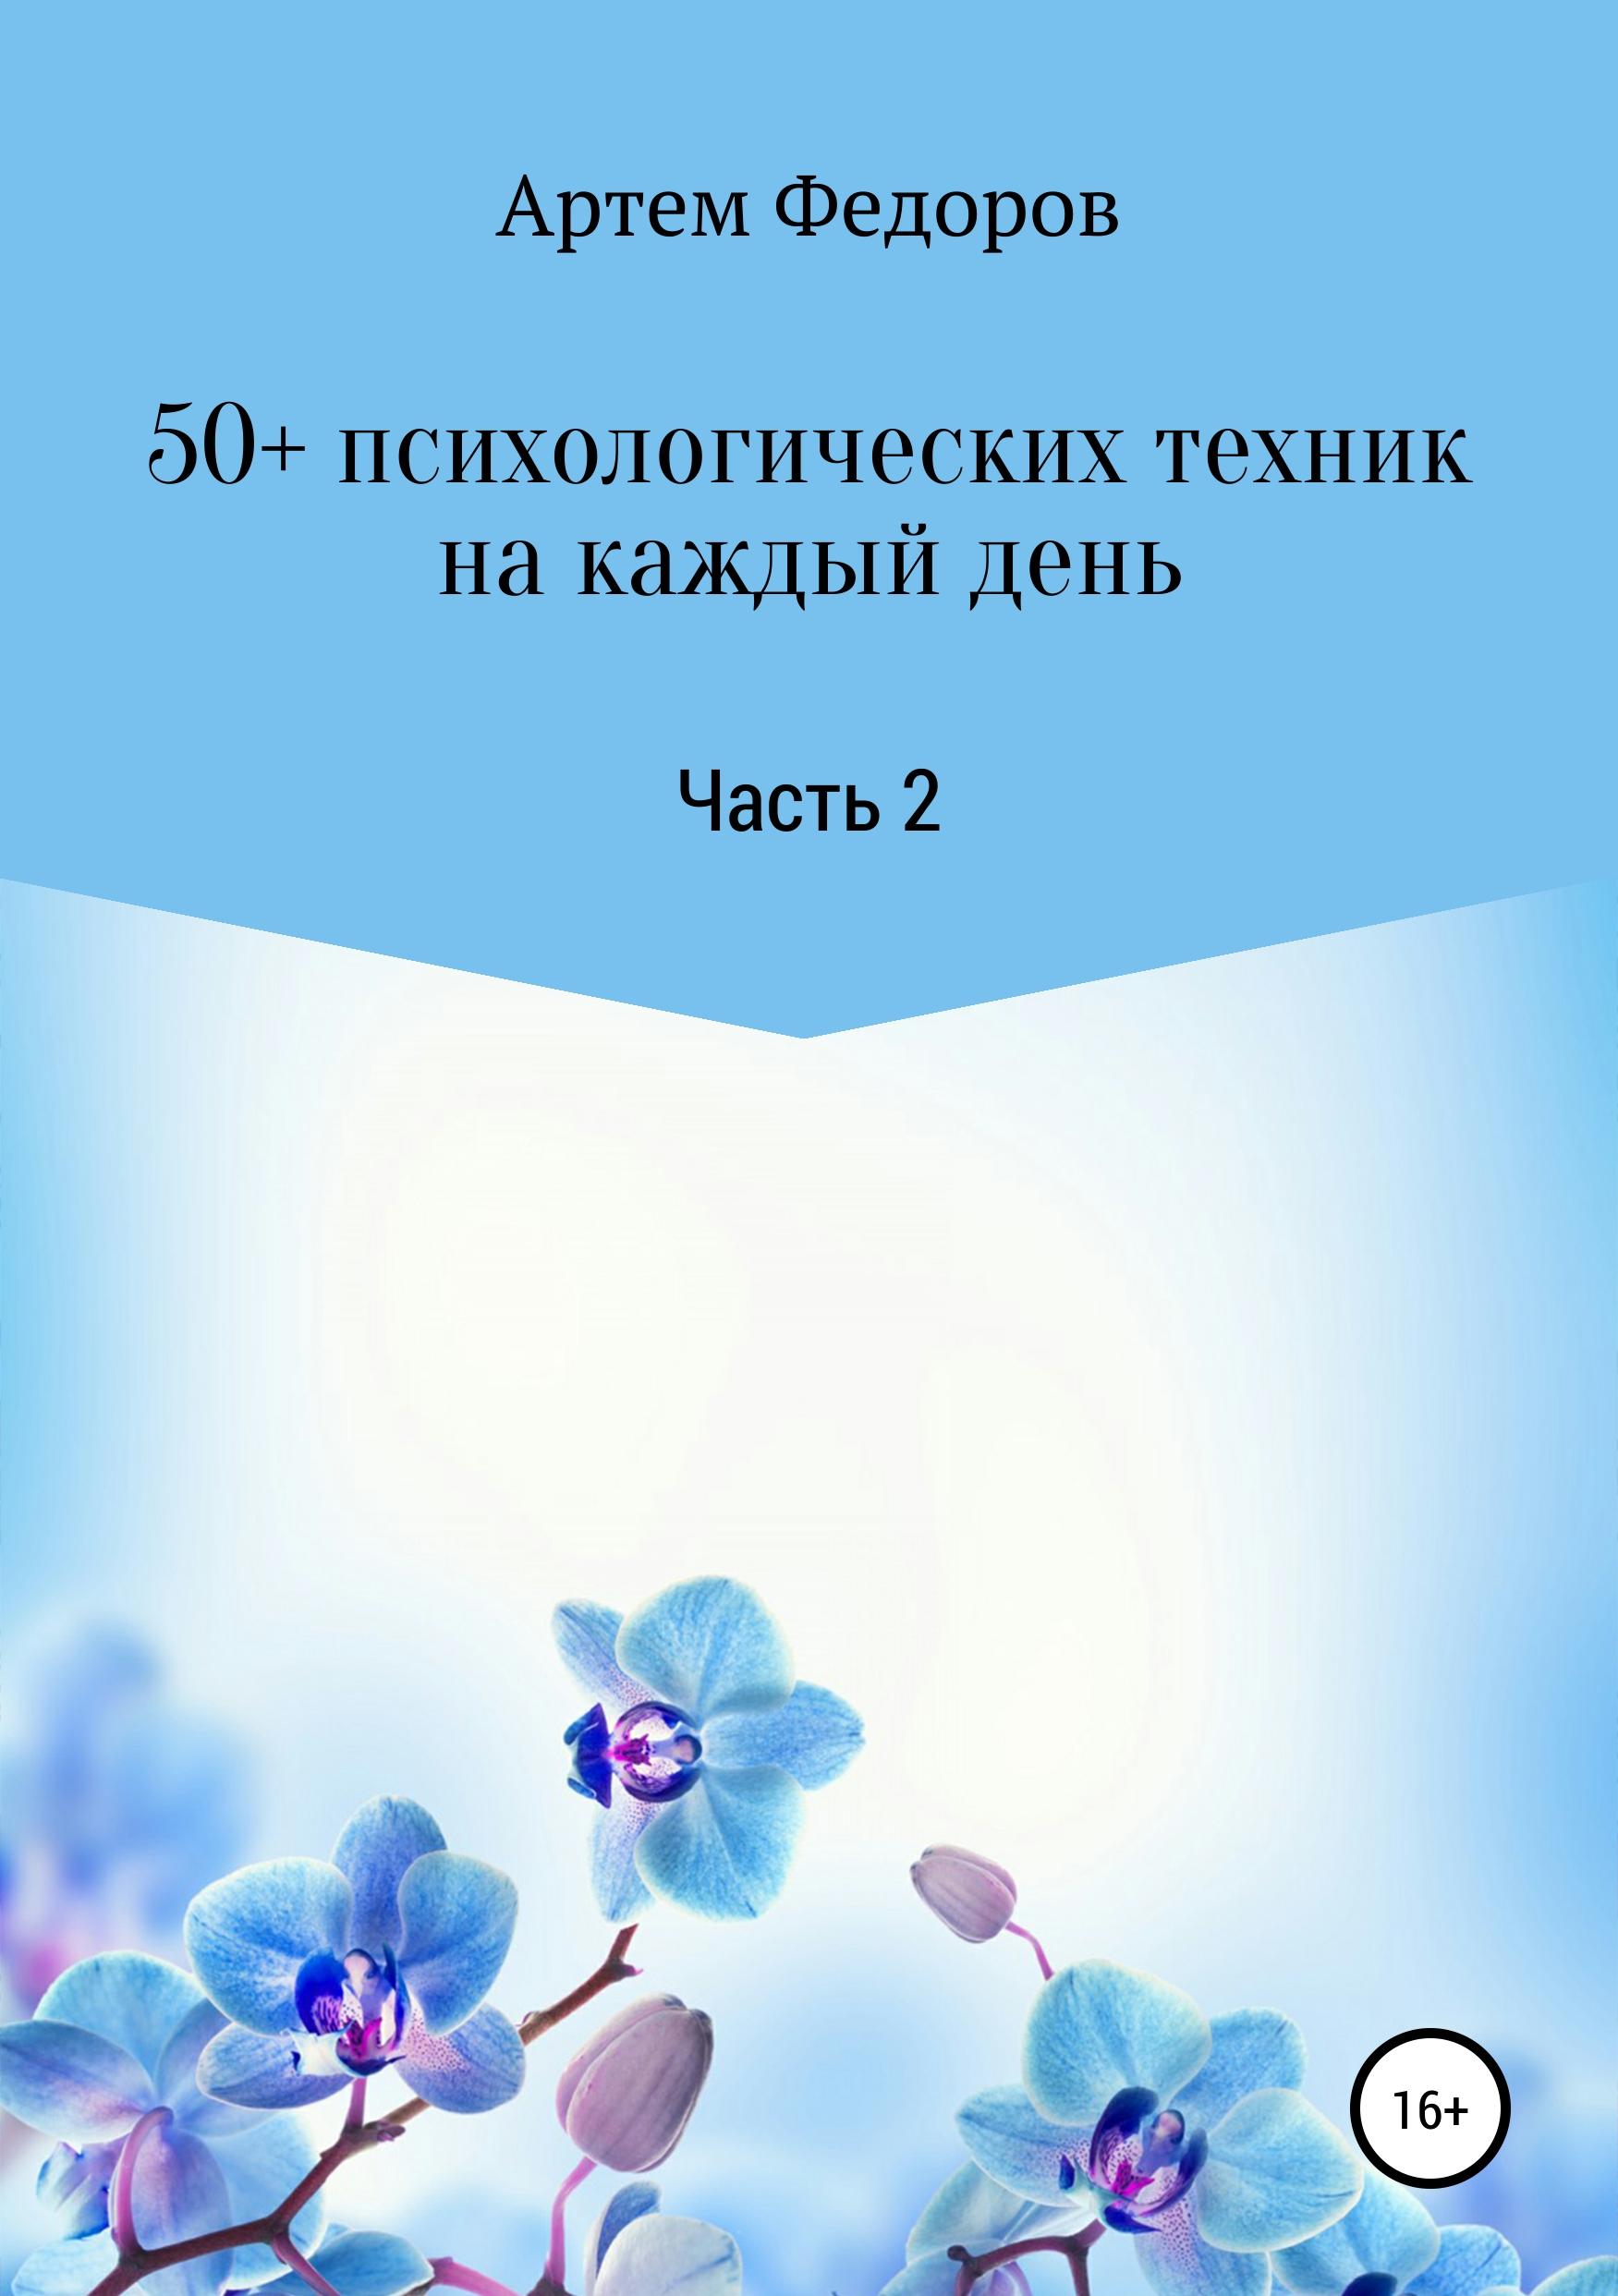 50+ психологических техник на каждый день. Часть 2